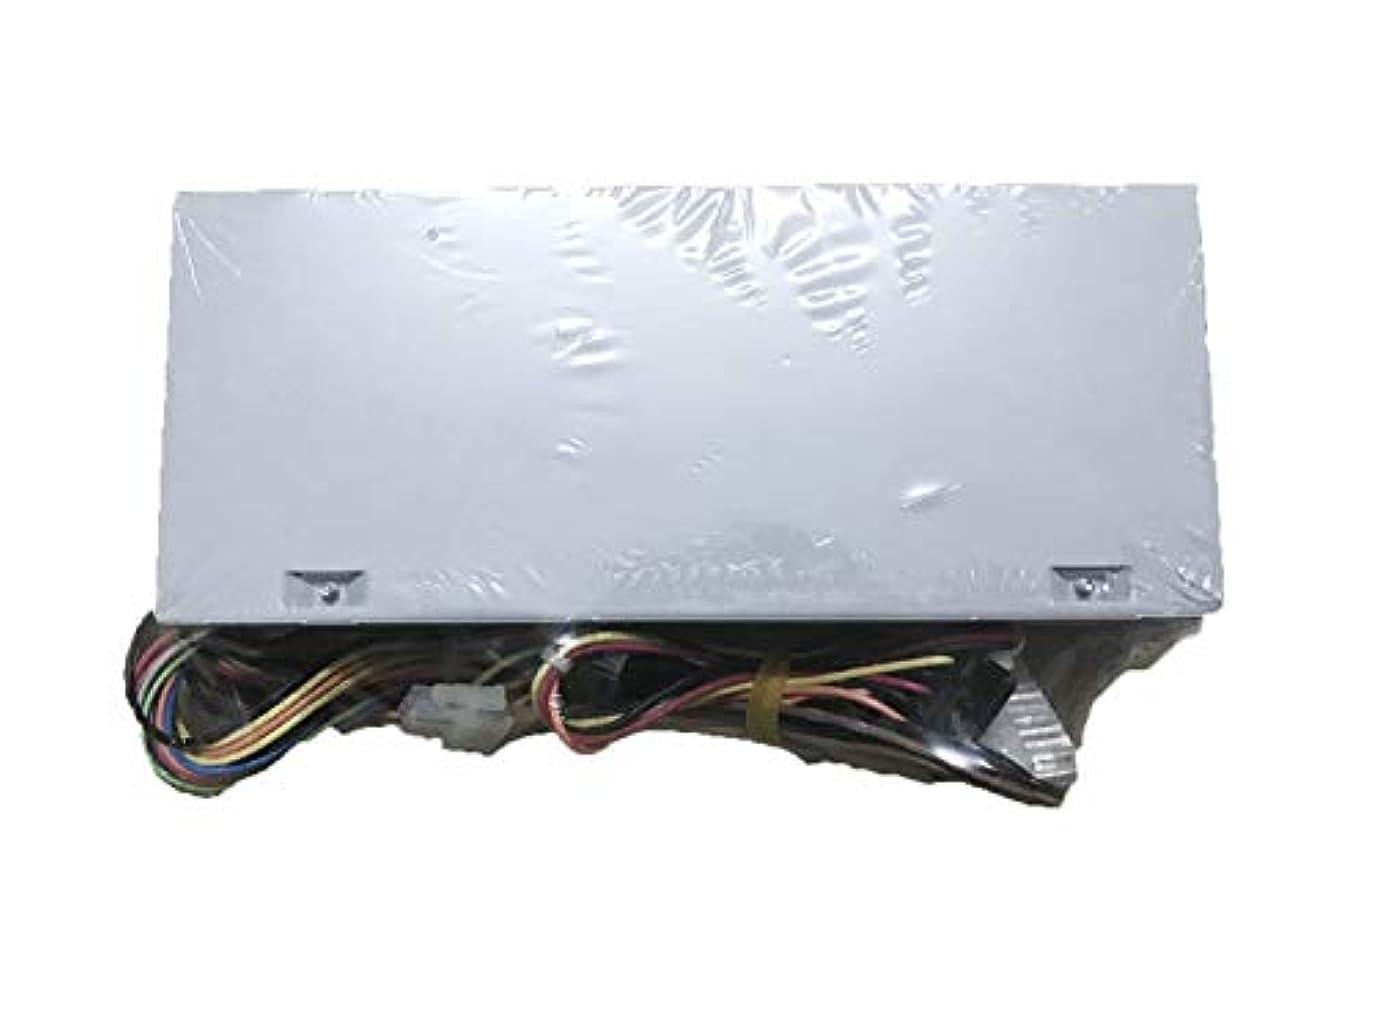 あざ自分オプショナル【JKLW】 270W 633193-001 電源ユニット適用する HP Slimline 400-220jp 修理交換用